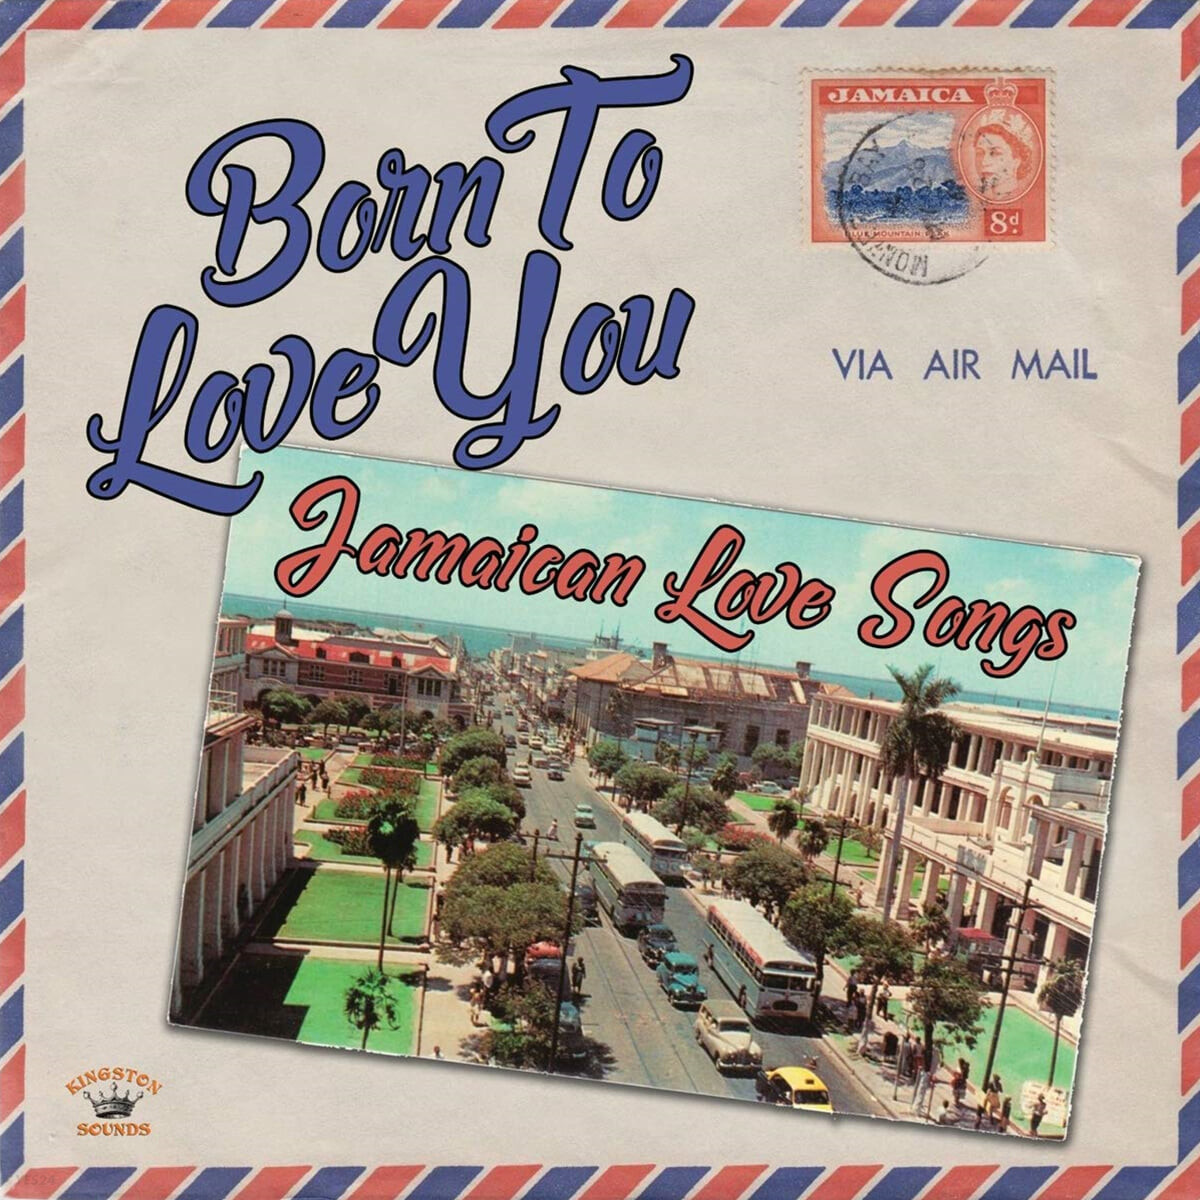 레게 컴필레이션 모음집 (Born to Love You: Jamaican Love Songs) [LP]